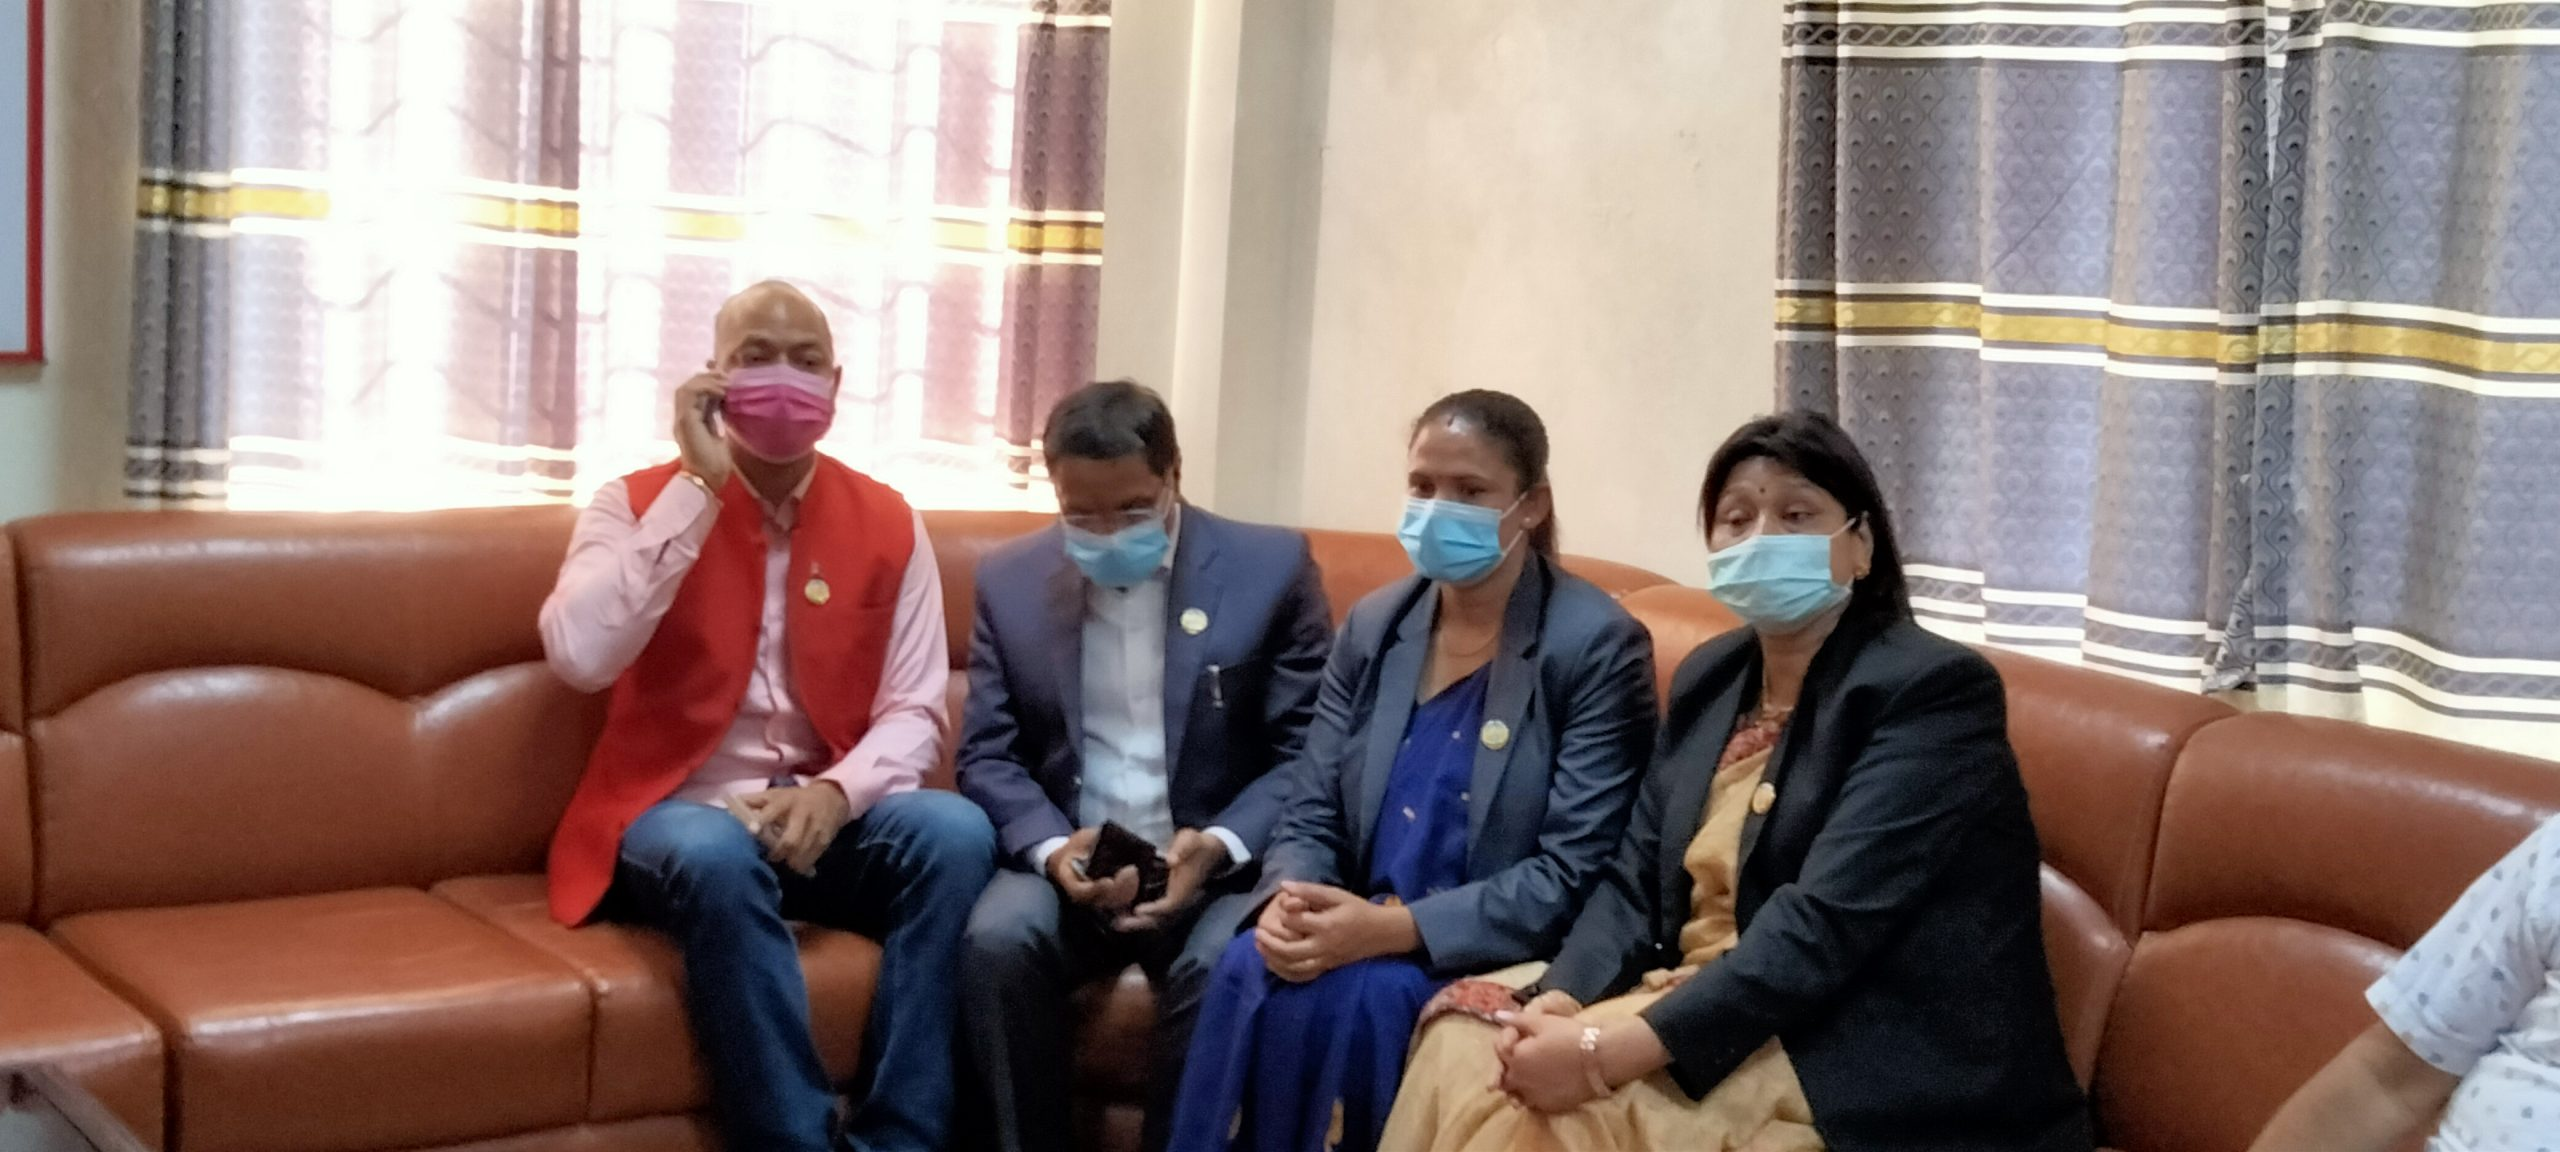 लुम्बिनी प्रदेश : चार सांसदको मुद्दा अब पूर्ण इजलासमा